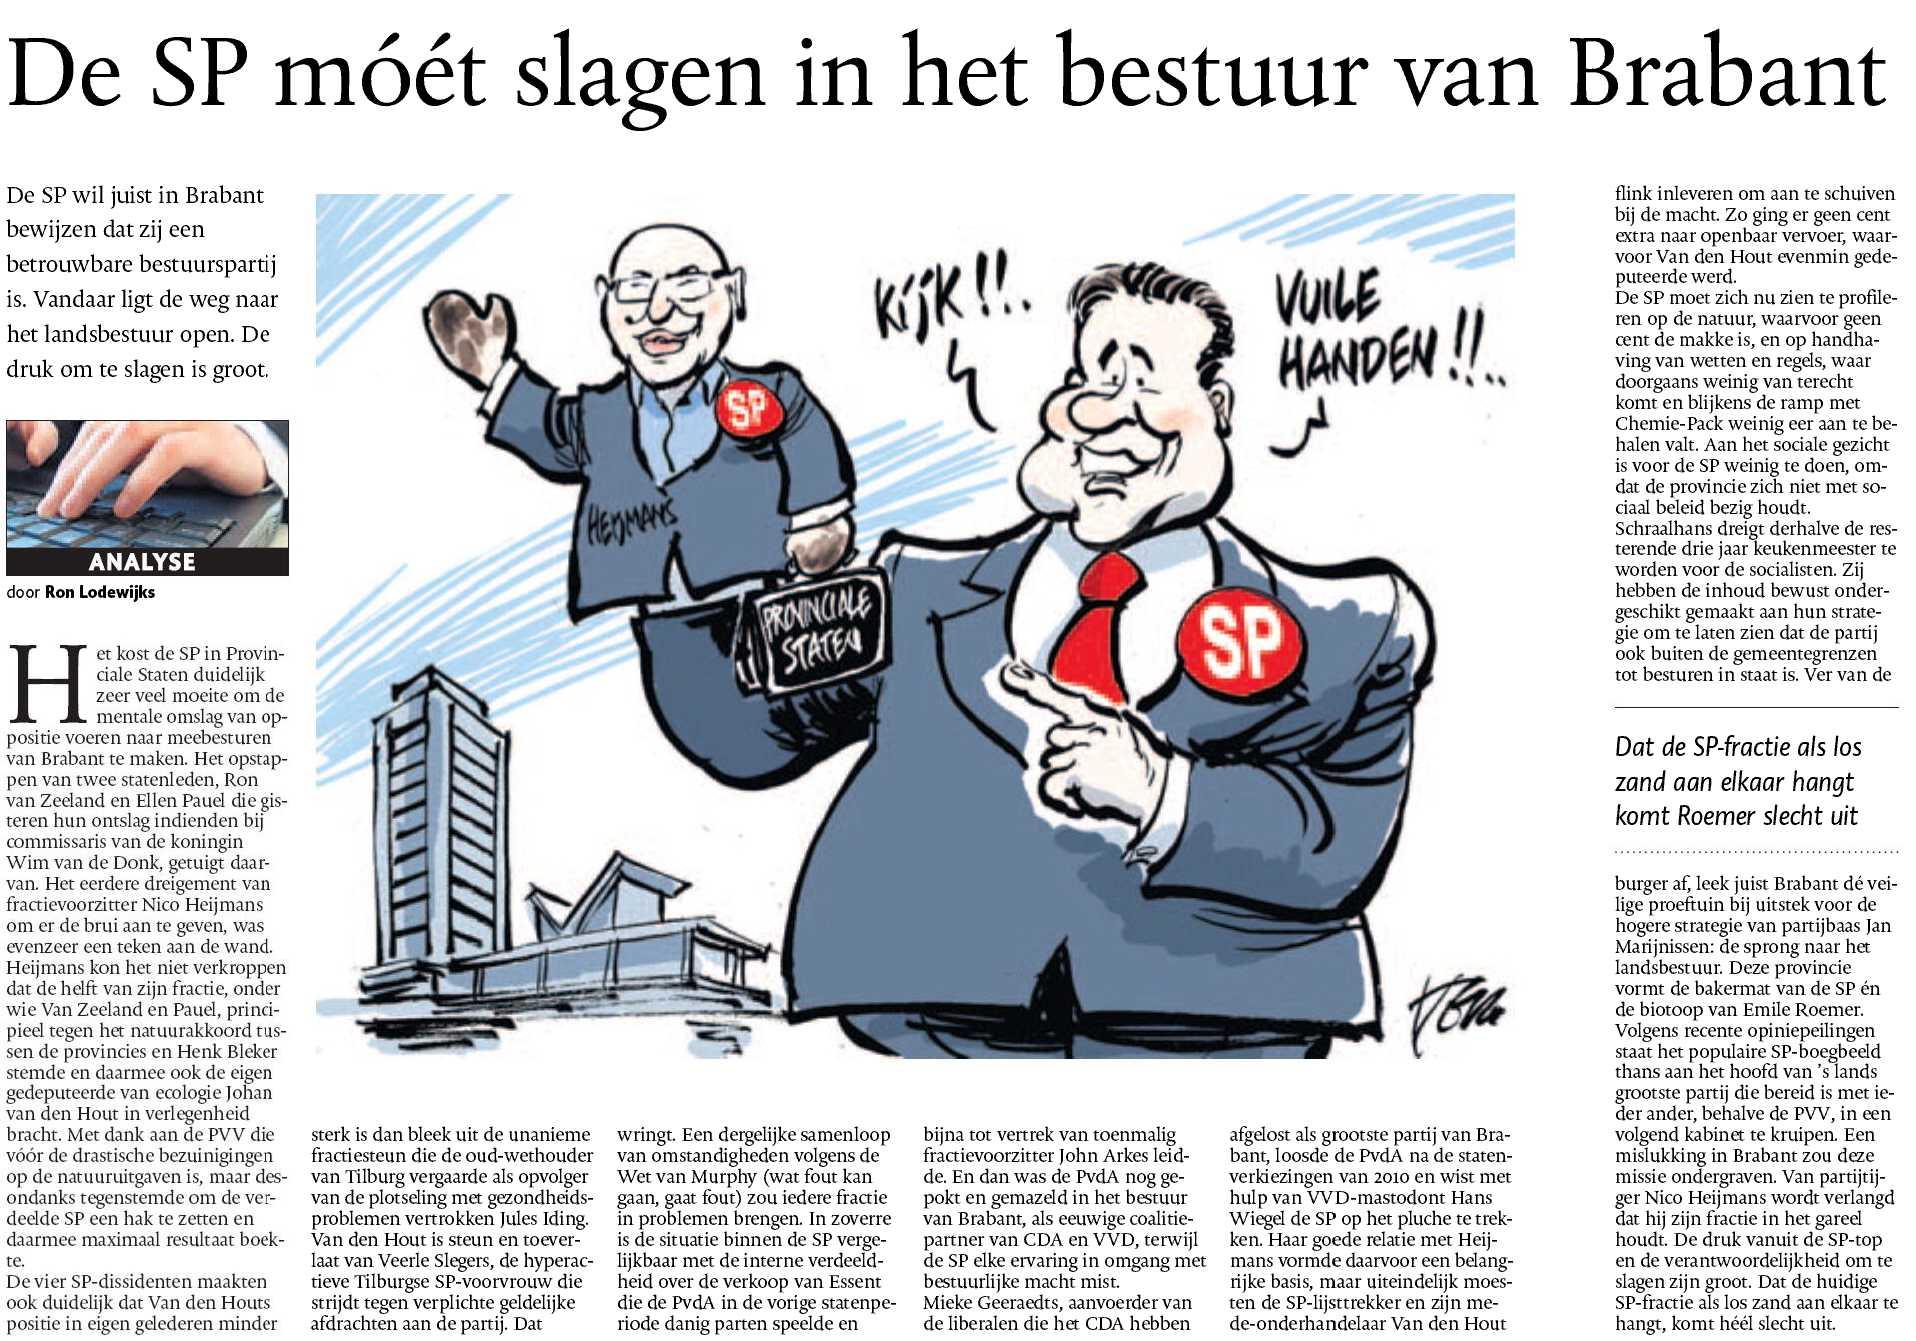 20120125_analysebd_de_sp_moet_slagen_in_het_bestuur_van_brabant